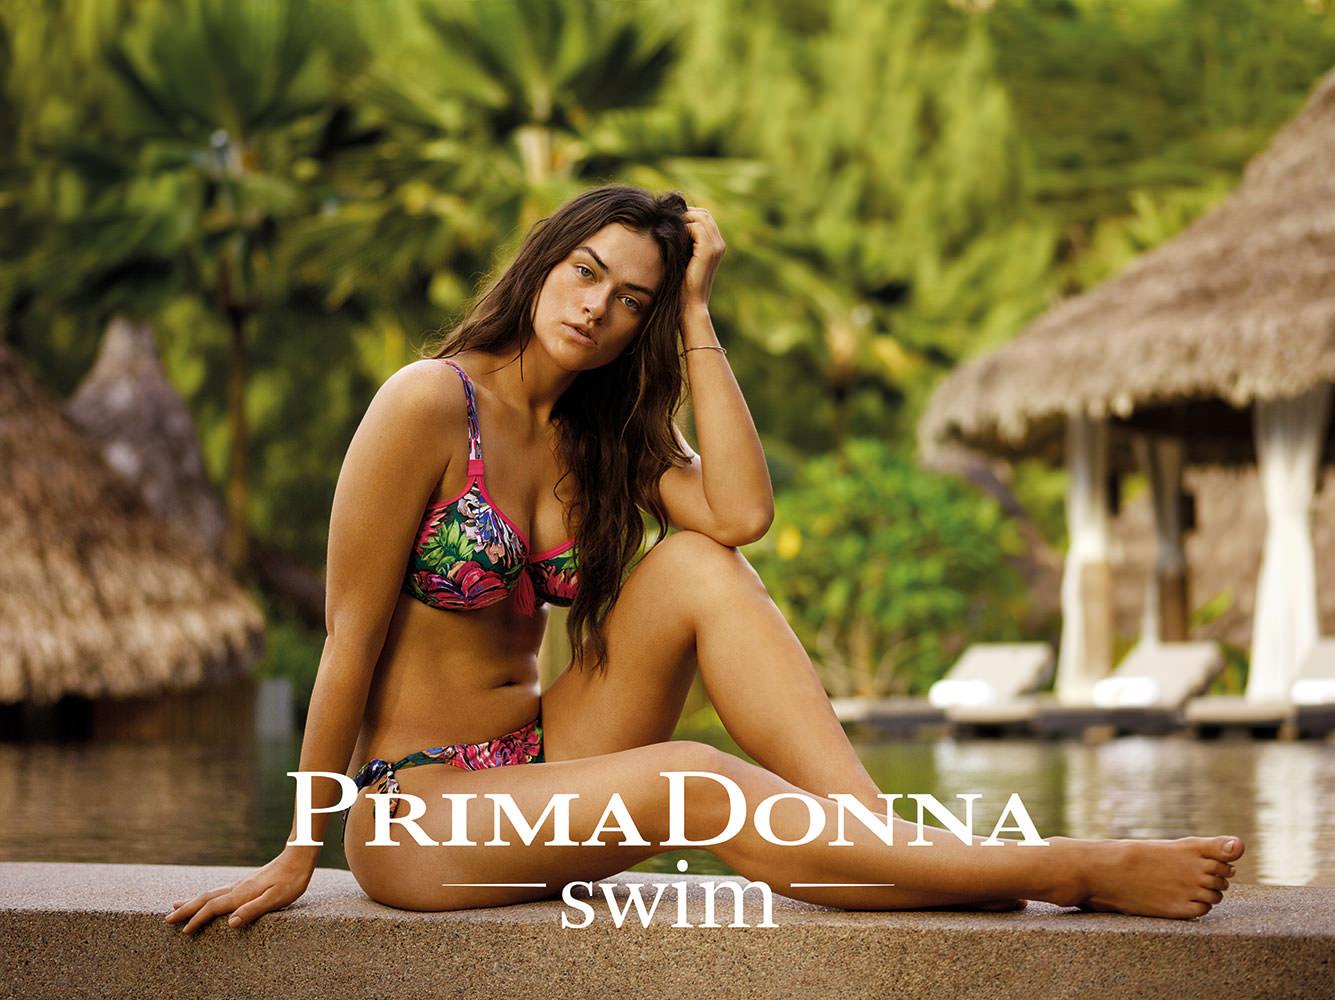 PrimaDonna Swim Bossa-Nova Vitamin2